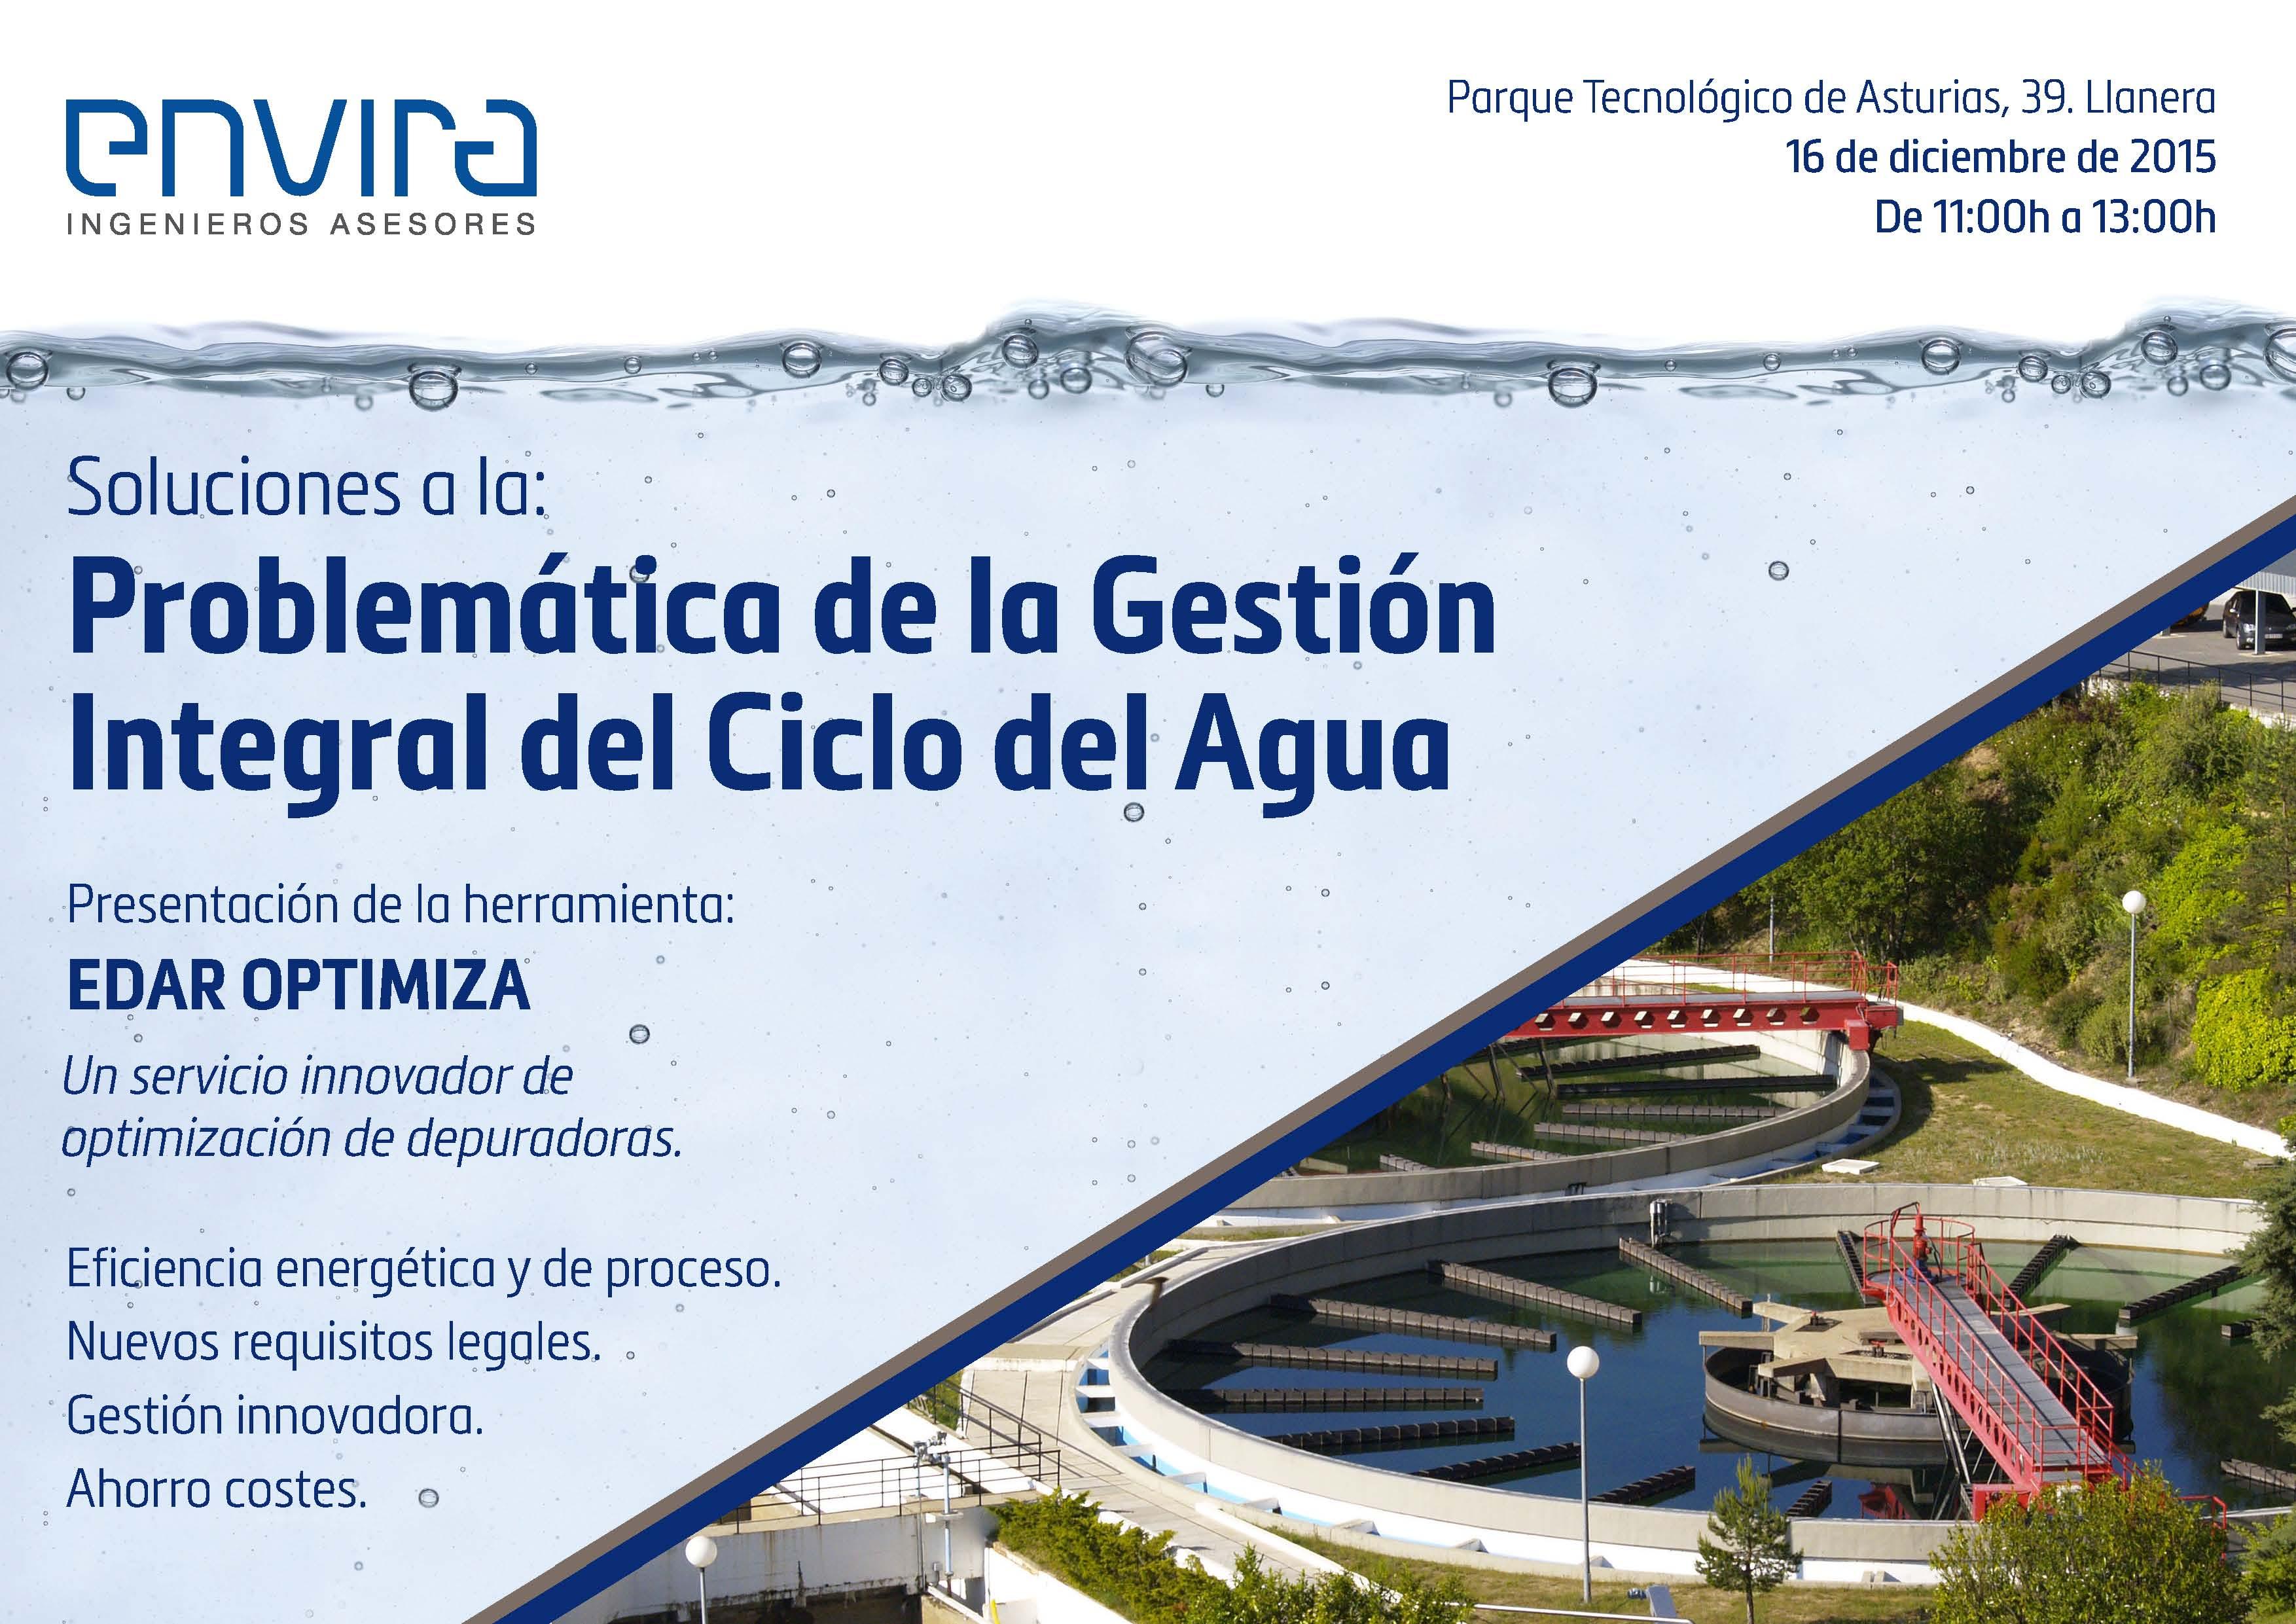 Problemática de la gestión integral del Ciclo del Agua